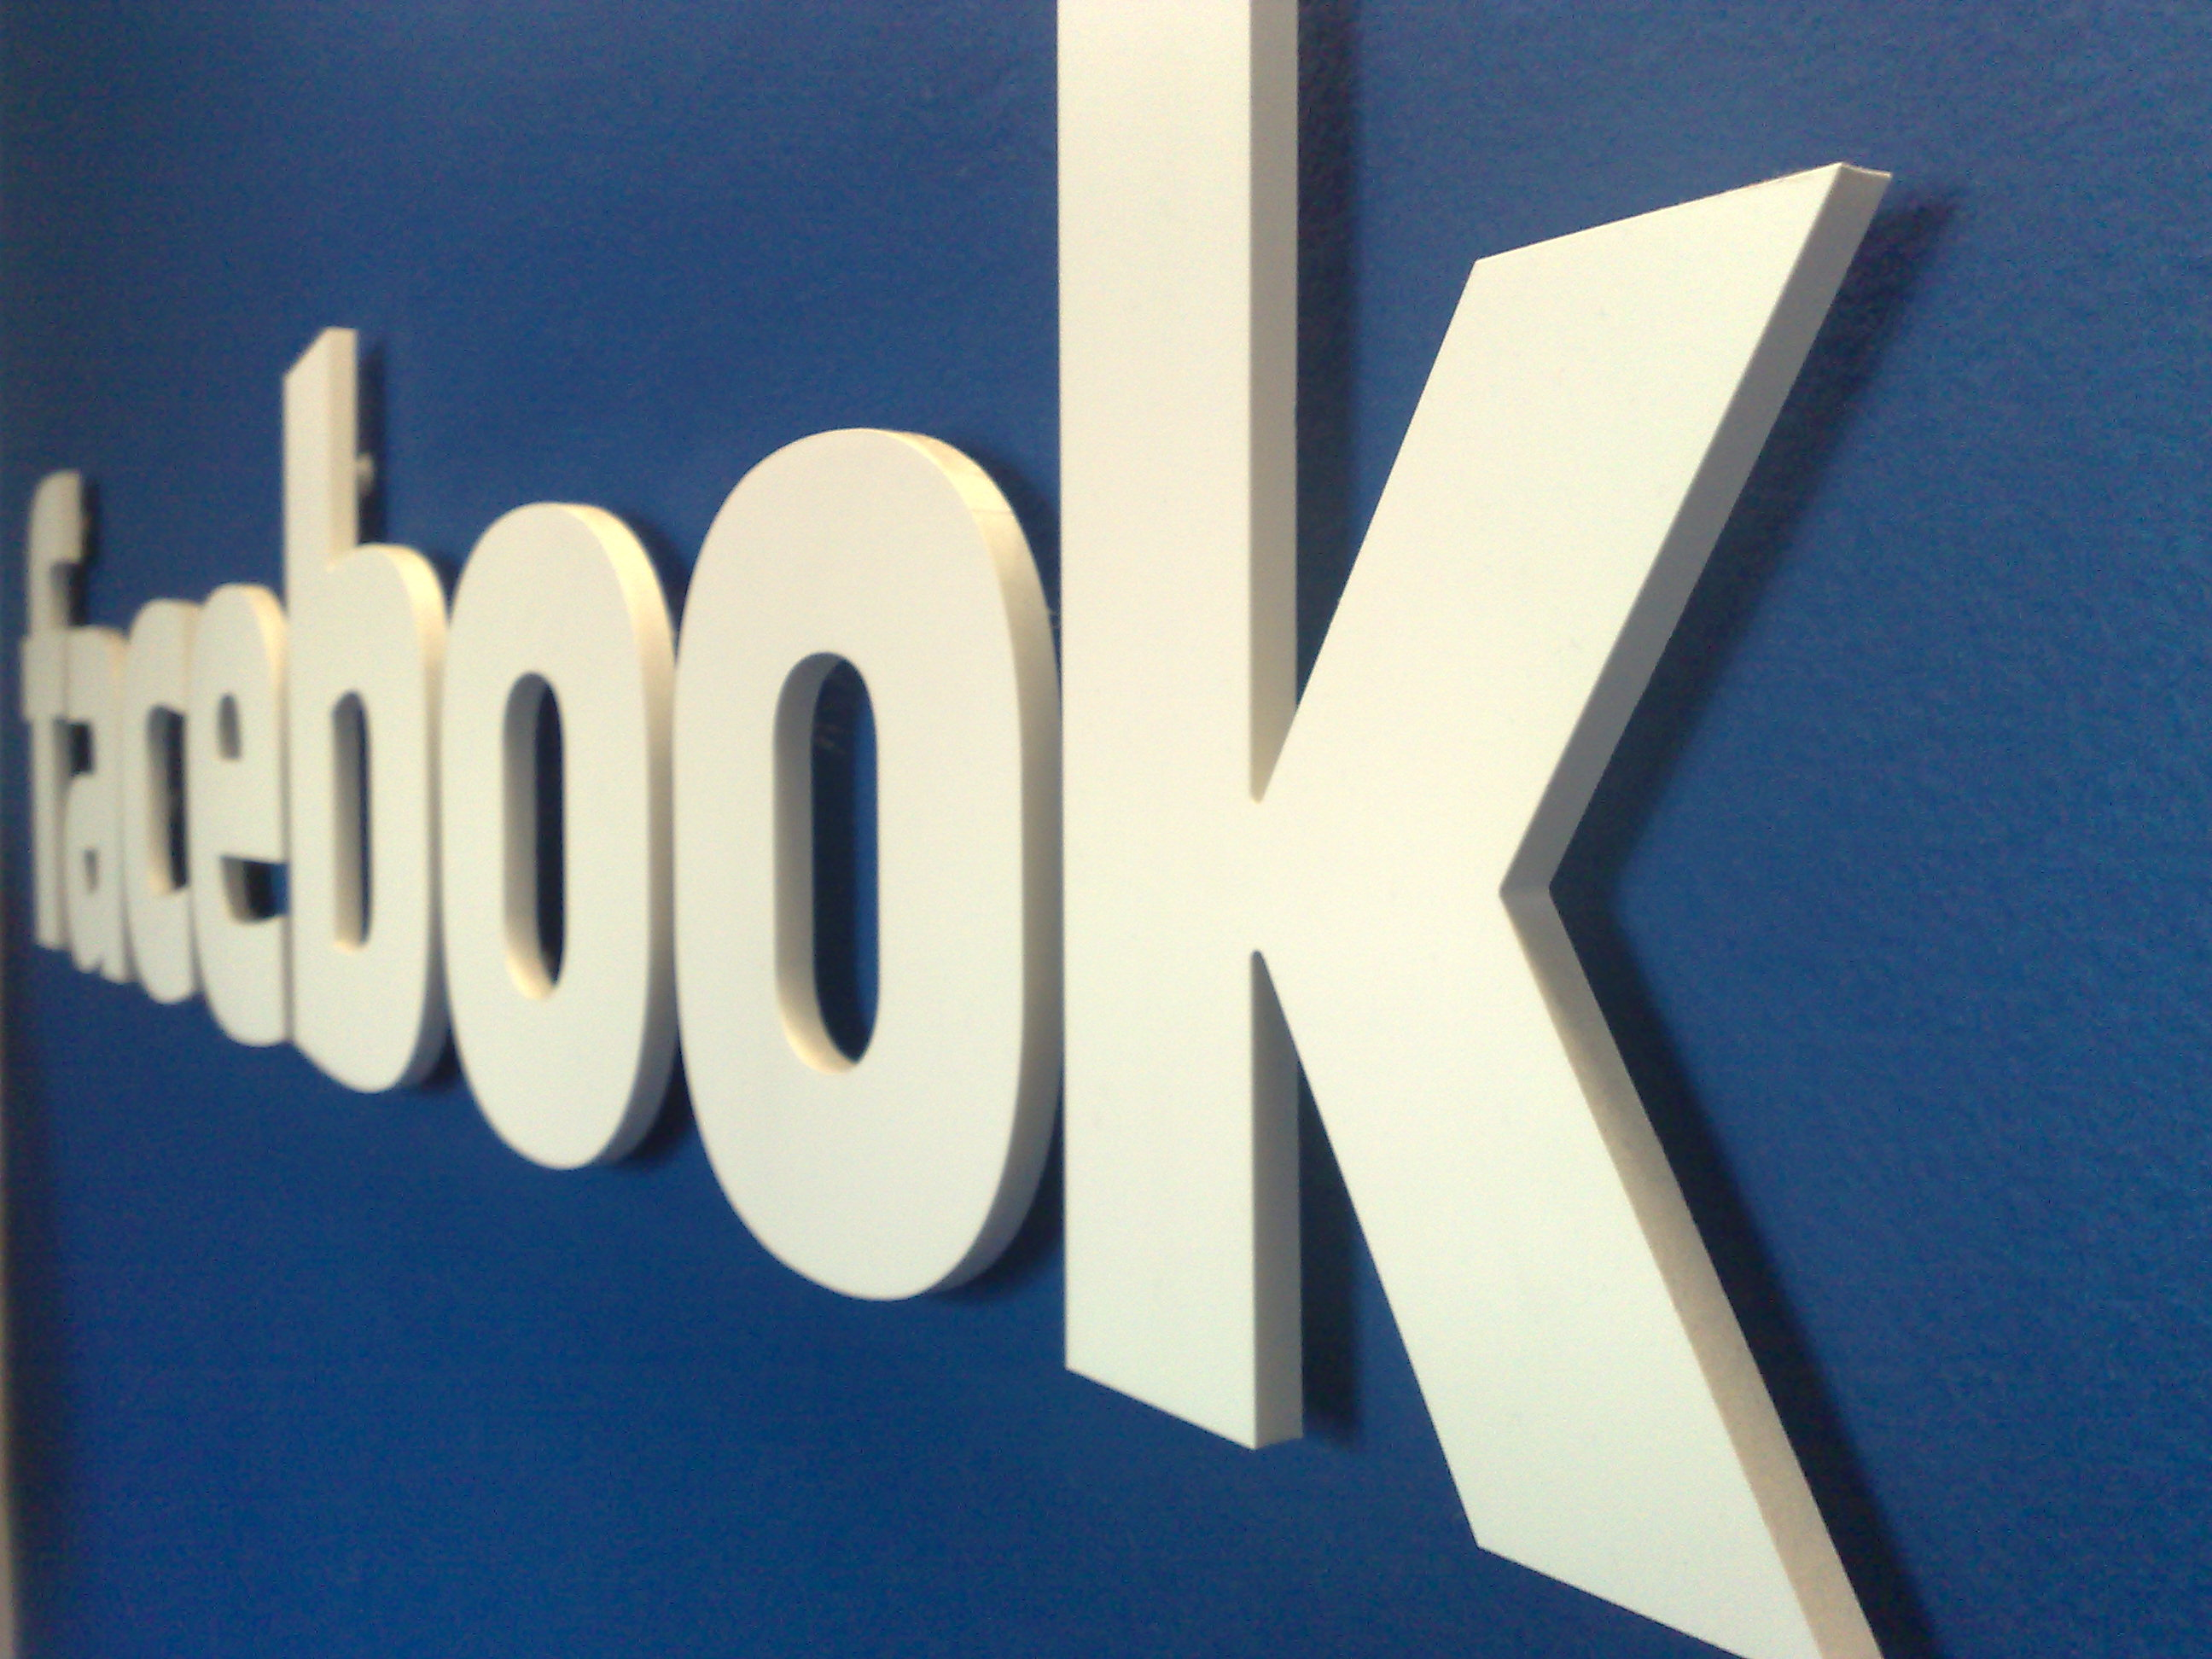 Facebook-Nutzer treffsicher ansprechen